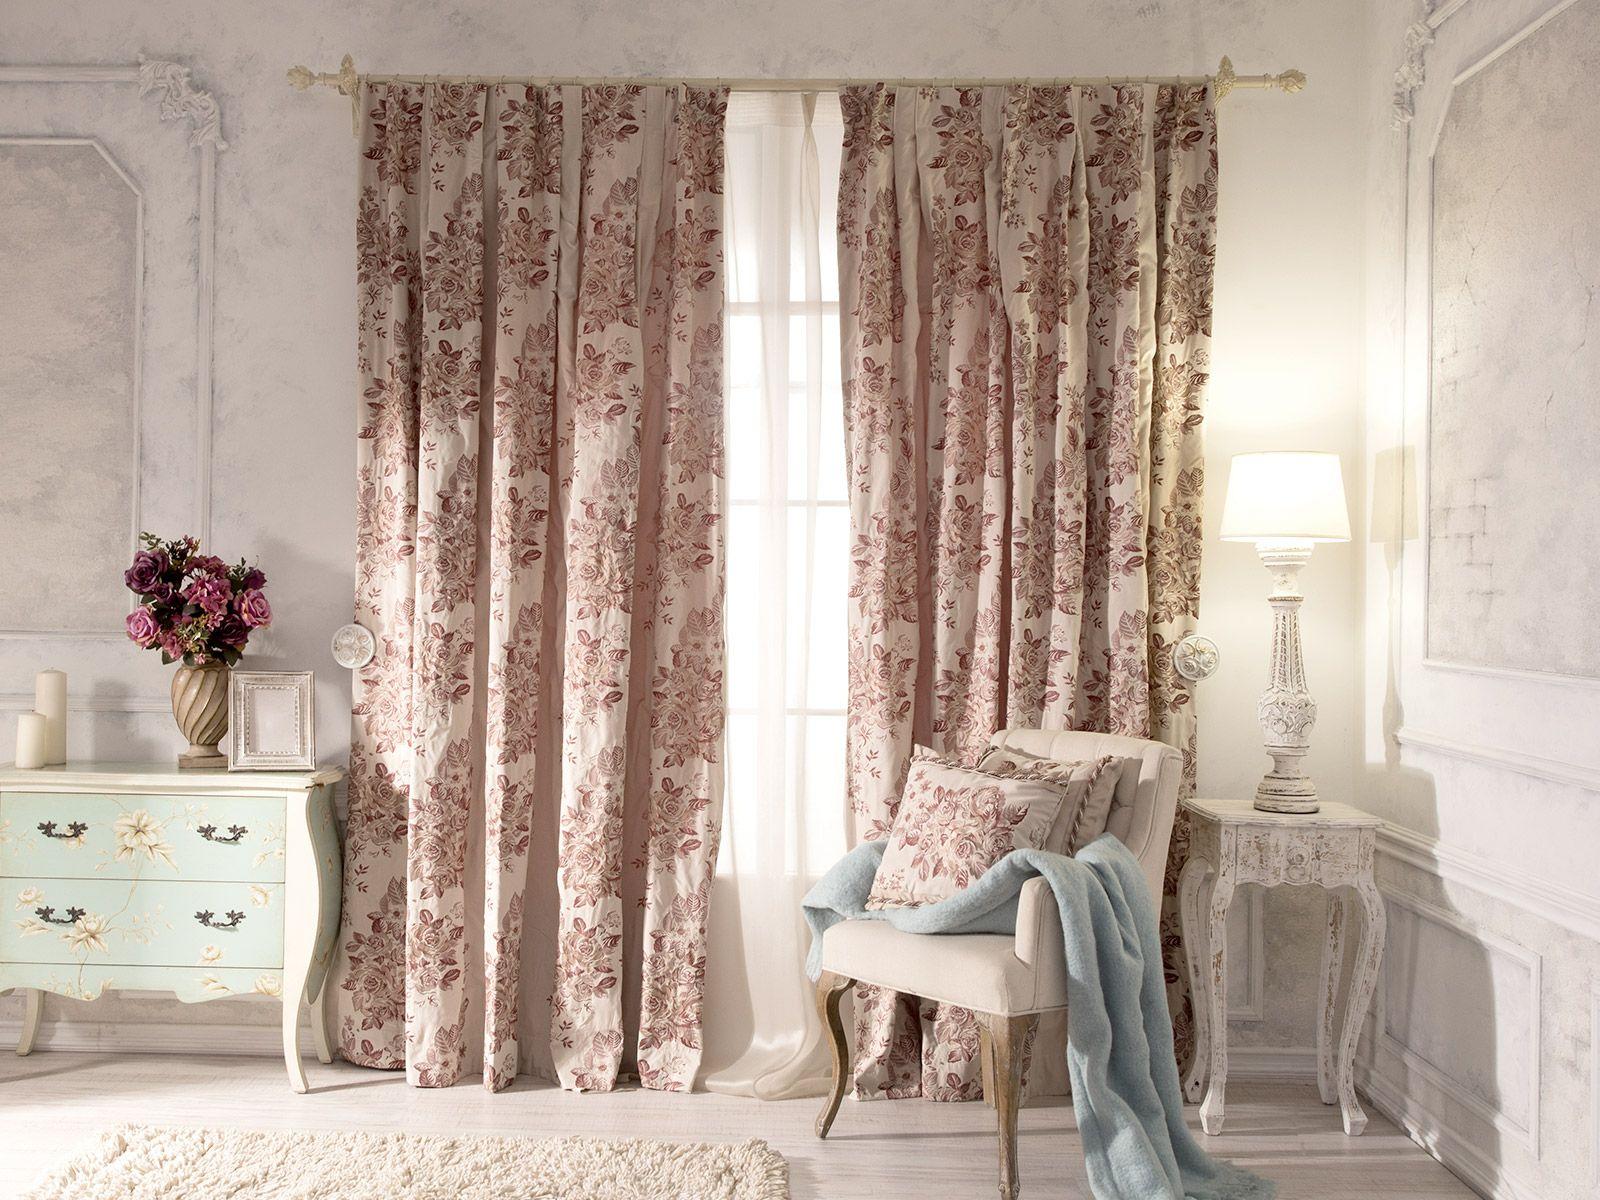 Бежевый текстиль в интерьере